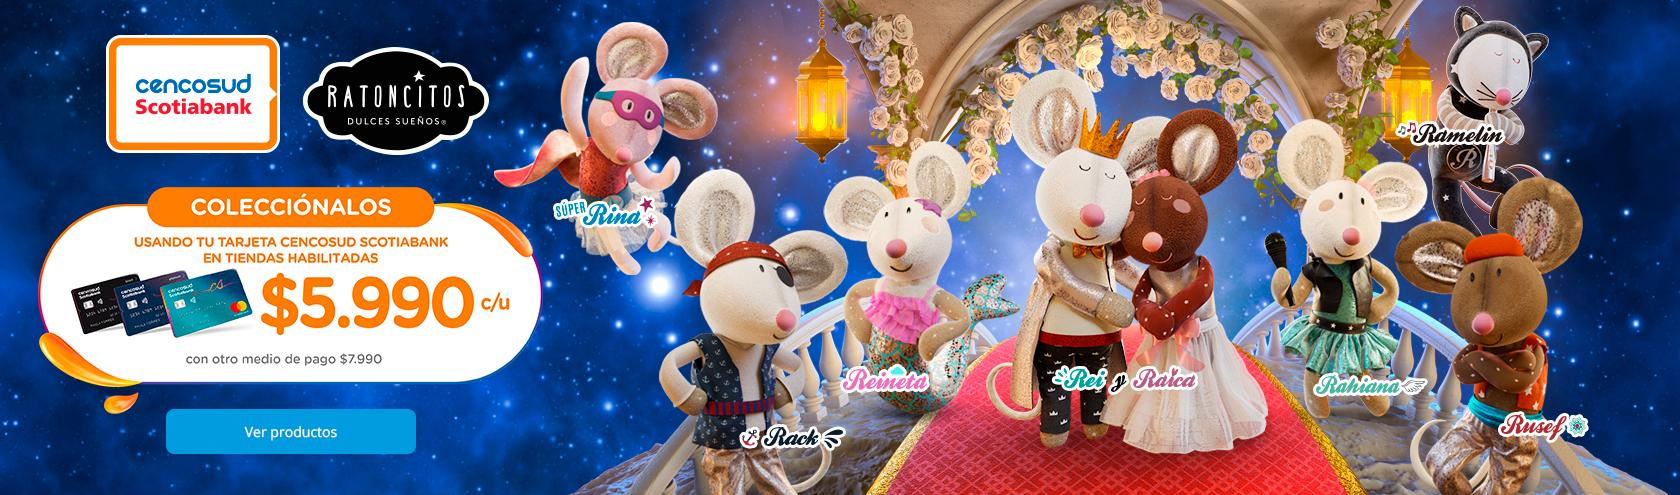 Volvieron los ratoncitos ¡Coleccionalos Todos!